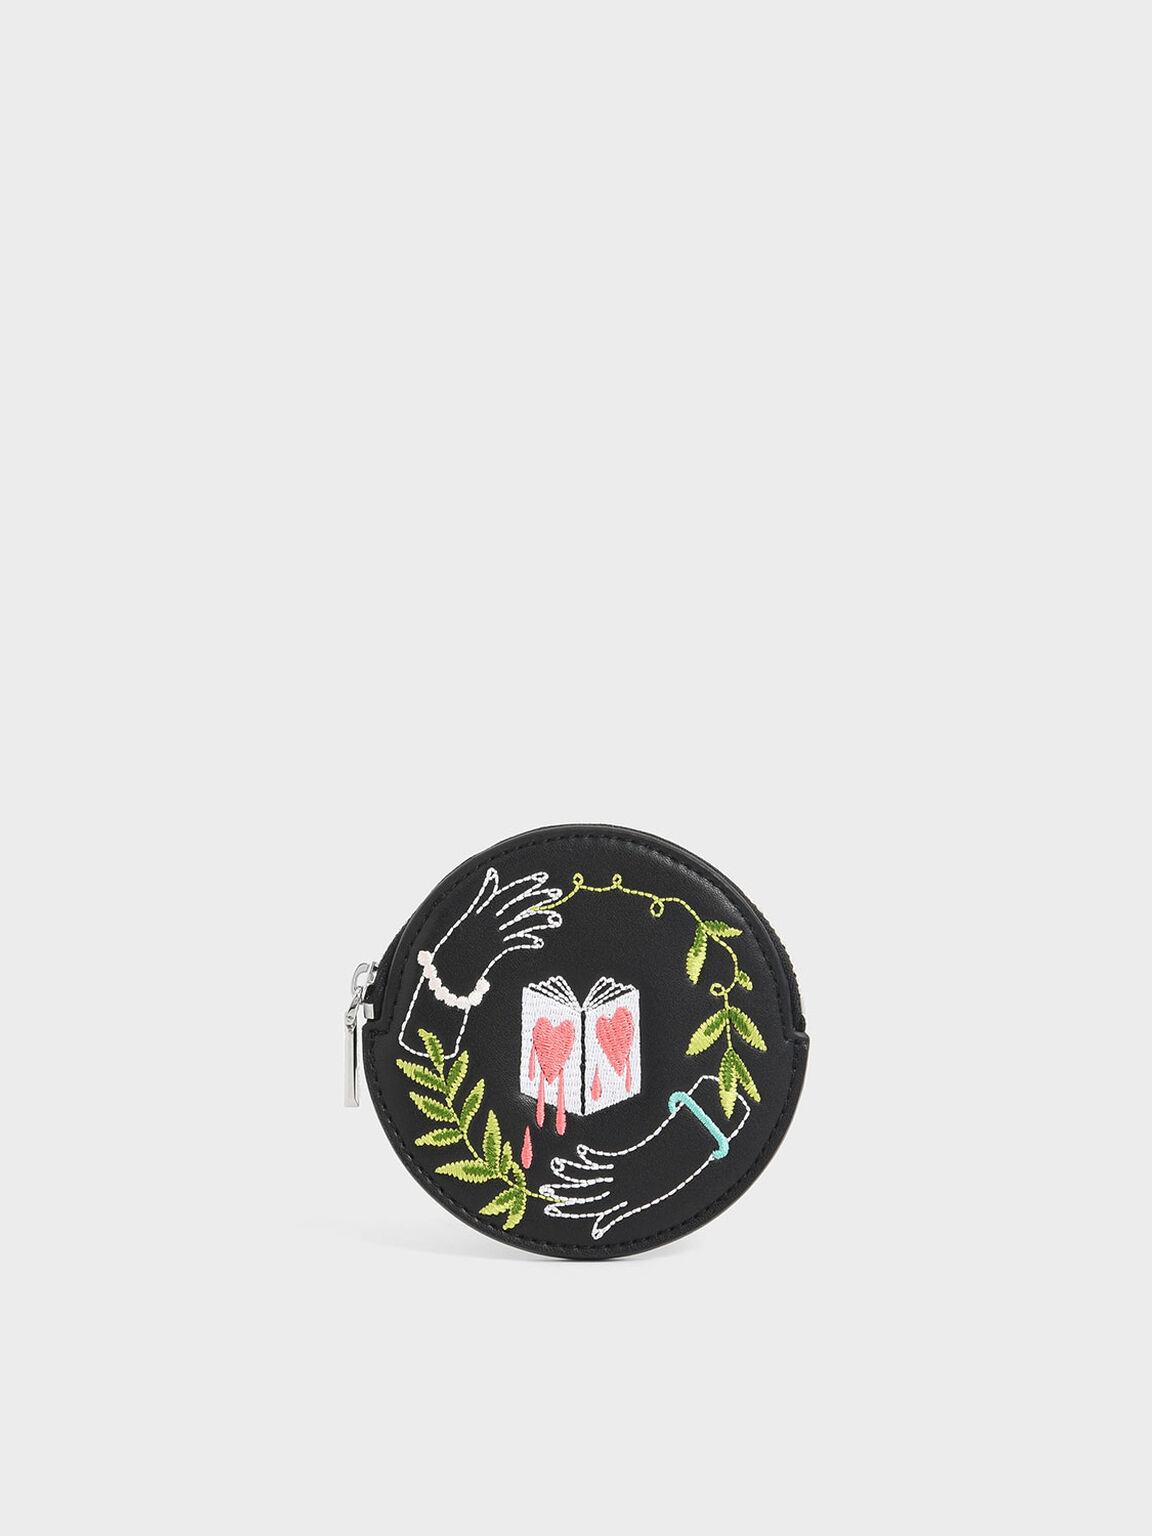 CHARLES & KEITH Teeteeheehee聯名:刺繡零錢包, 黑色, hi-res